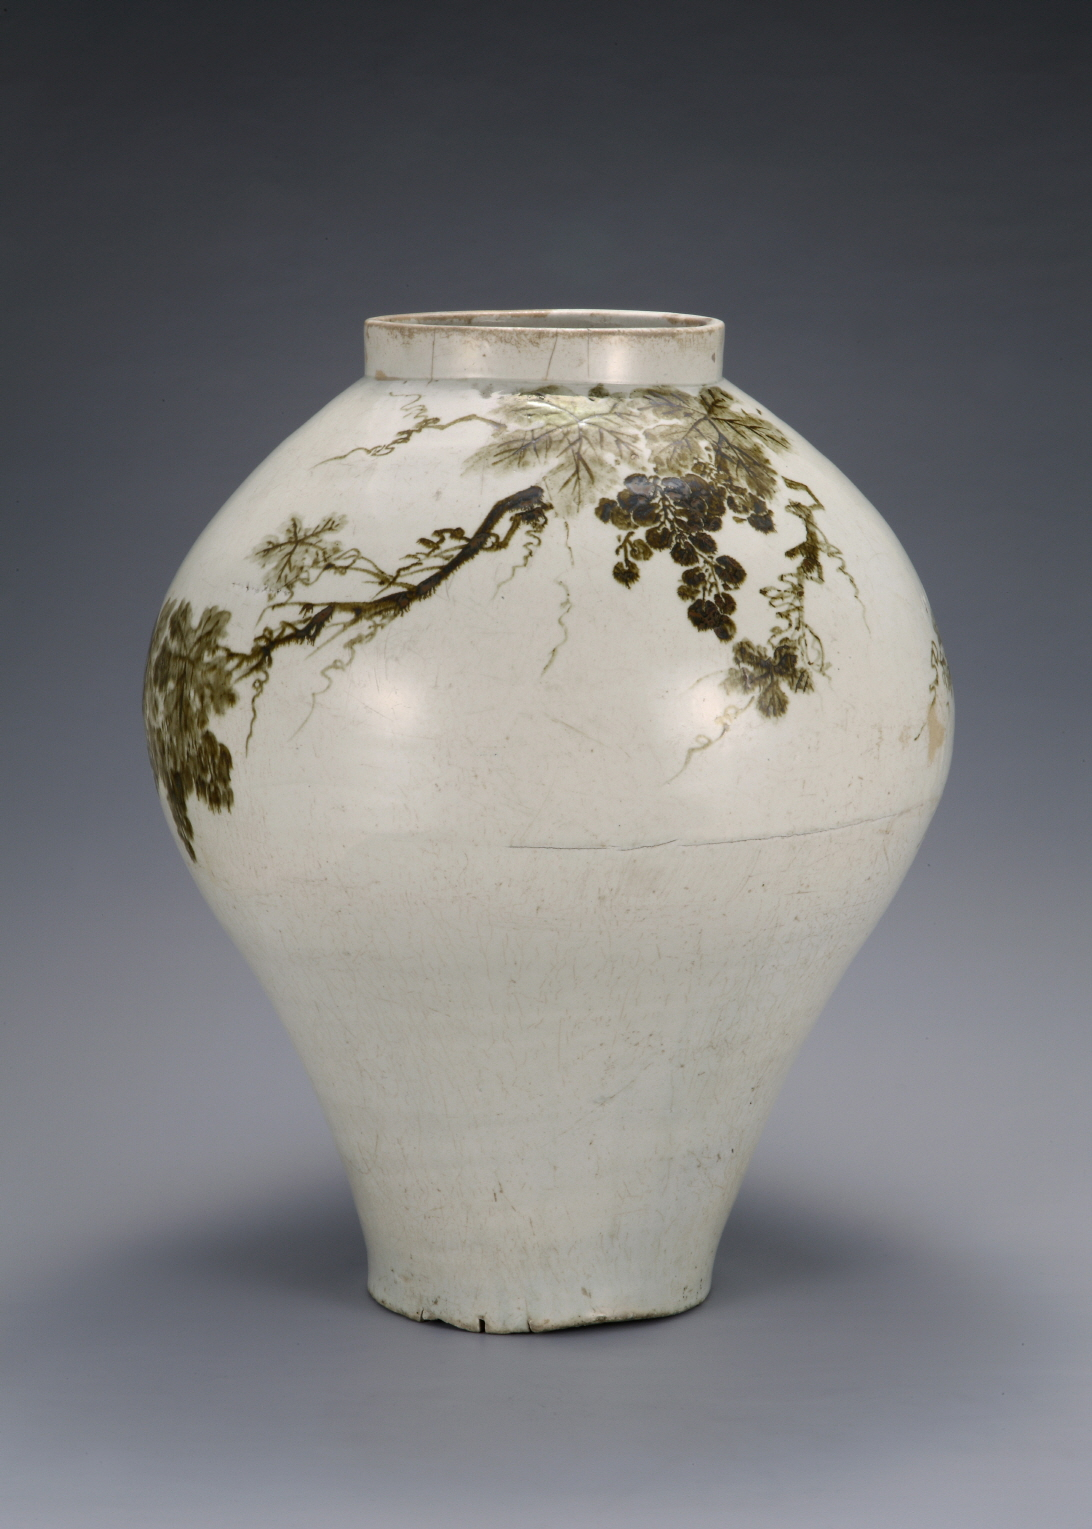 Joseon white porcelain - Wikipedia